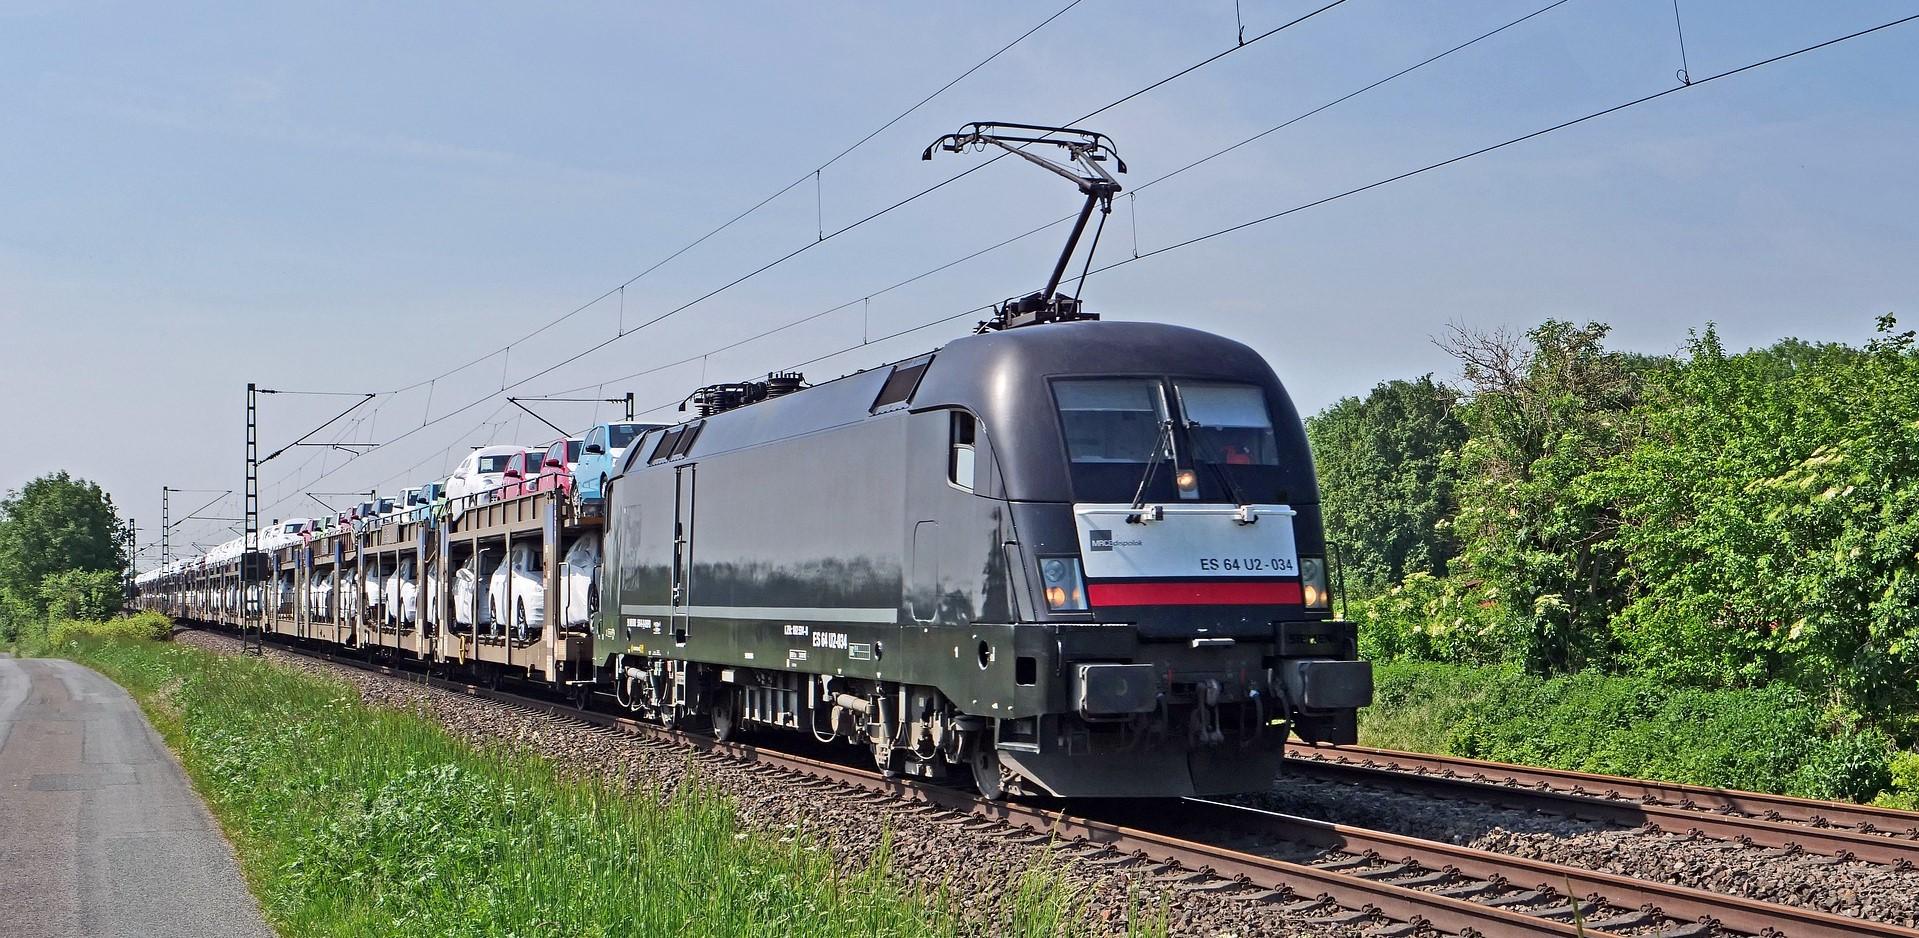 car-train-4226819_1920